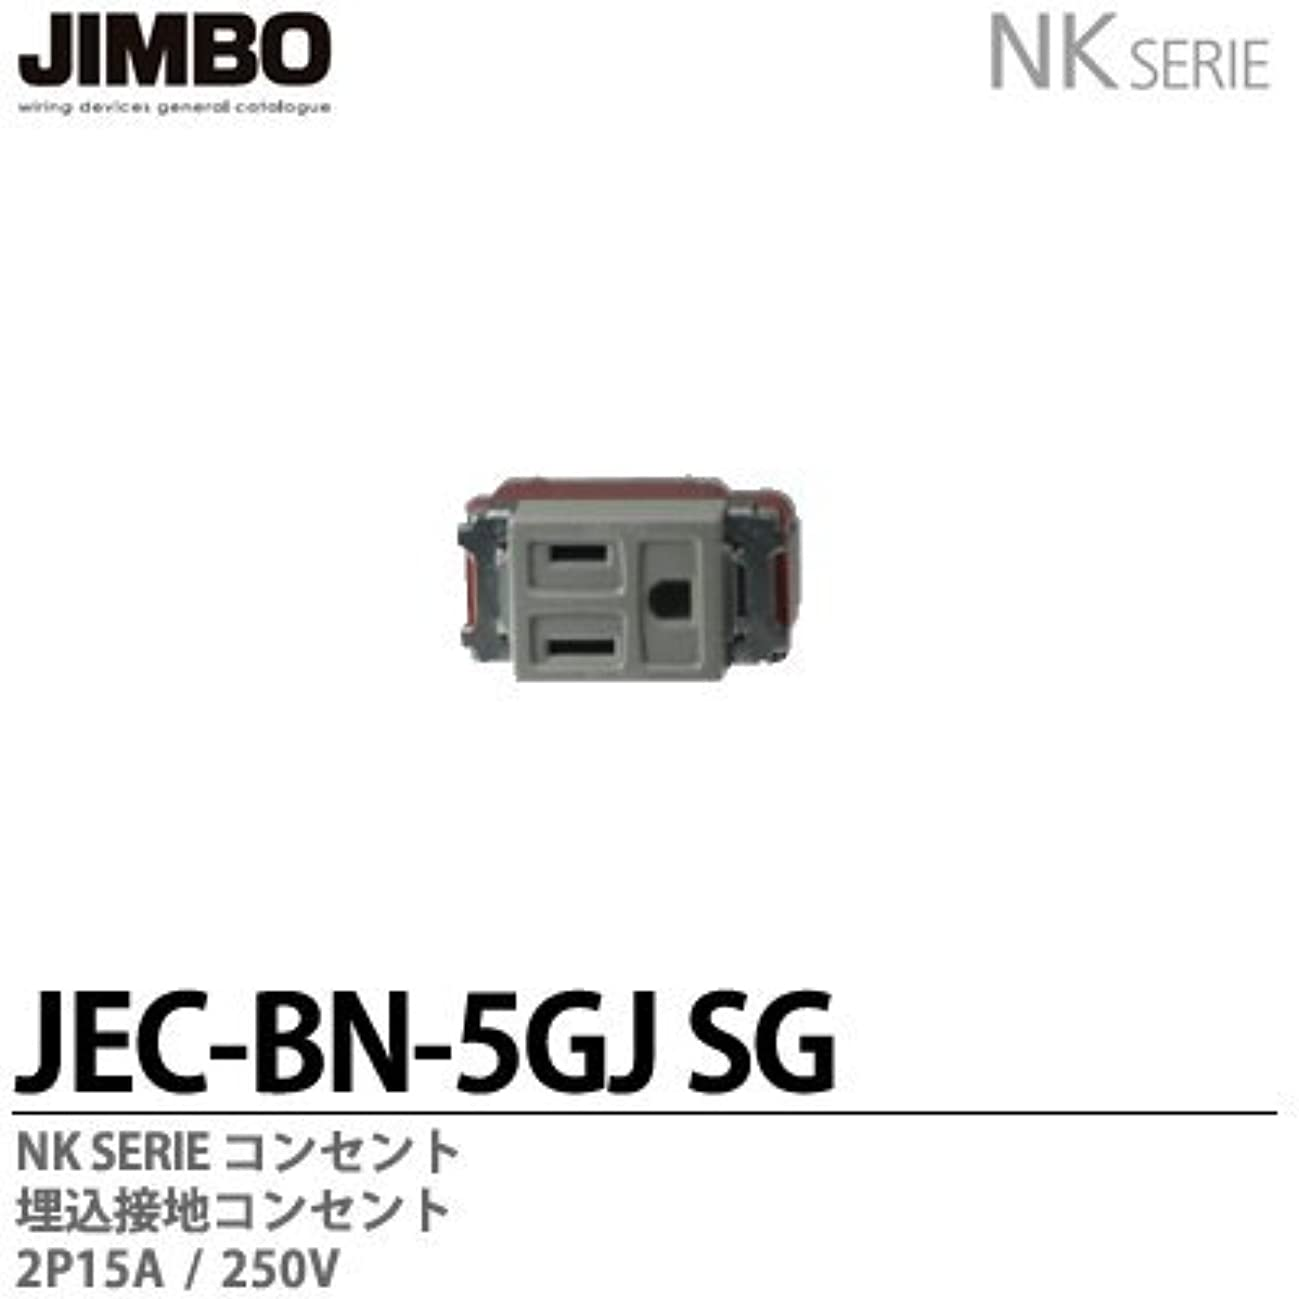 傘心理的にスケート【JIMBO】NKシリーズ配線器具 NKシリーズ適合器具 埋込接地コンセント JEC-BN-5GJ(SG)